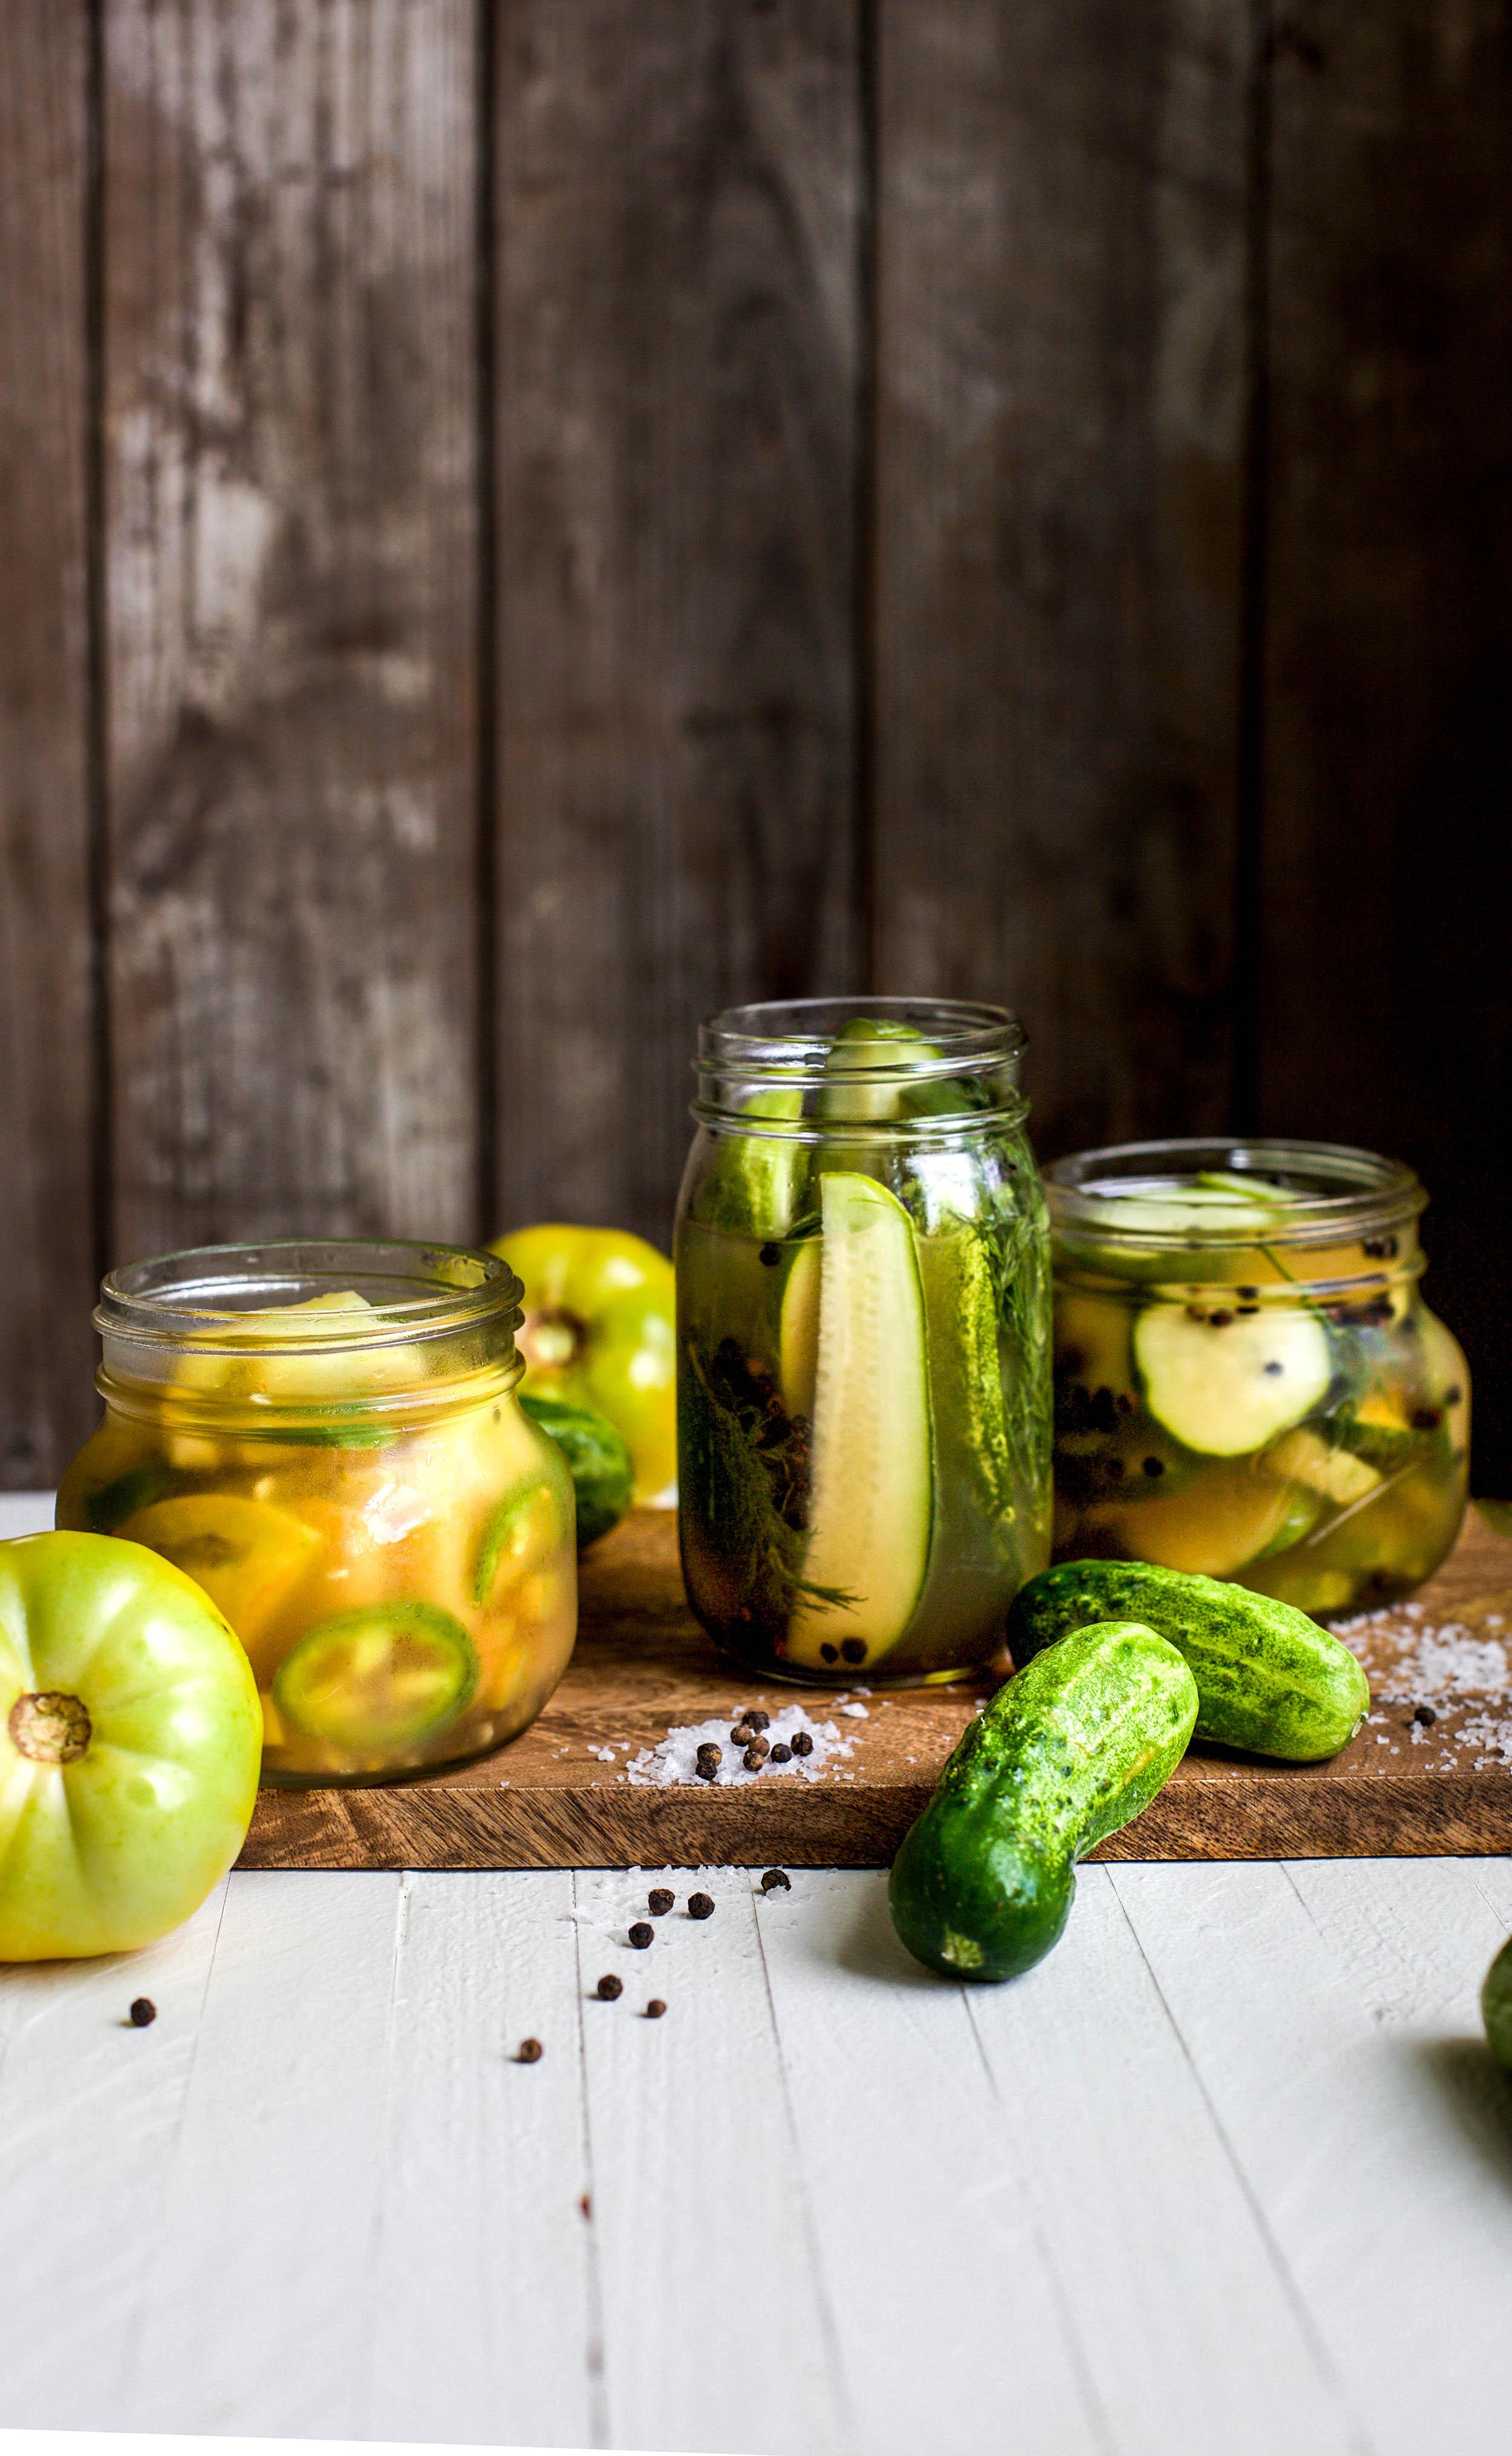 Easy Refrigerator Pickling Recipe